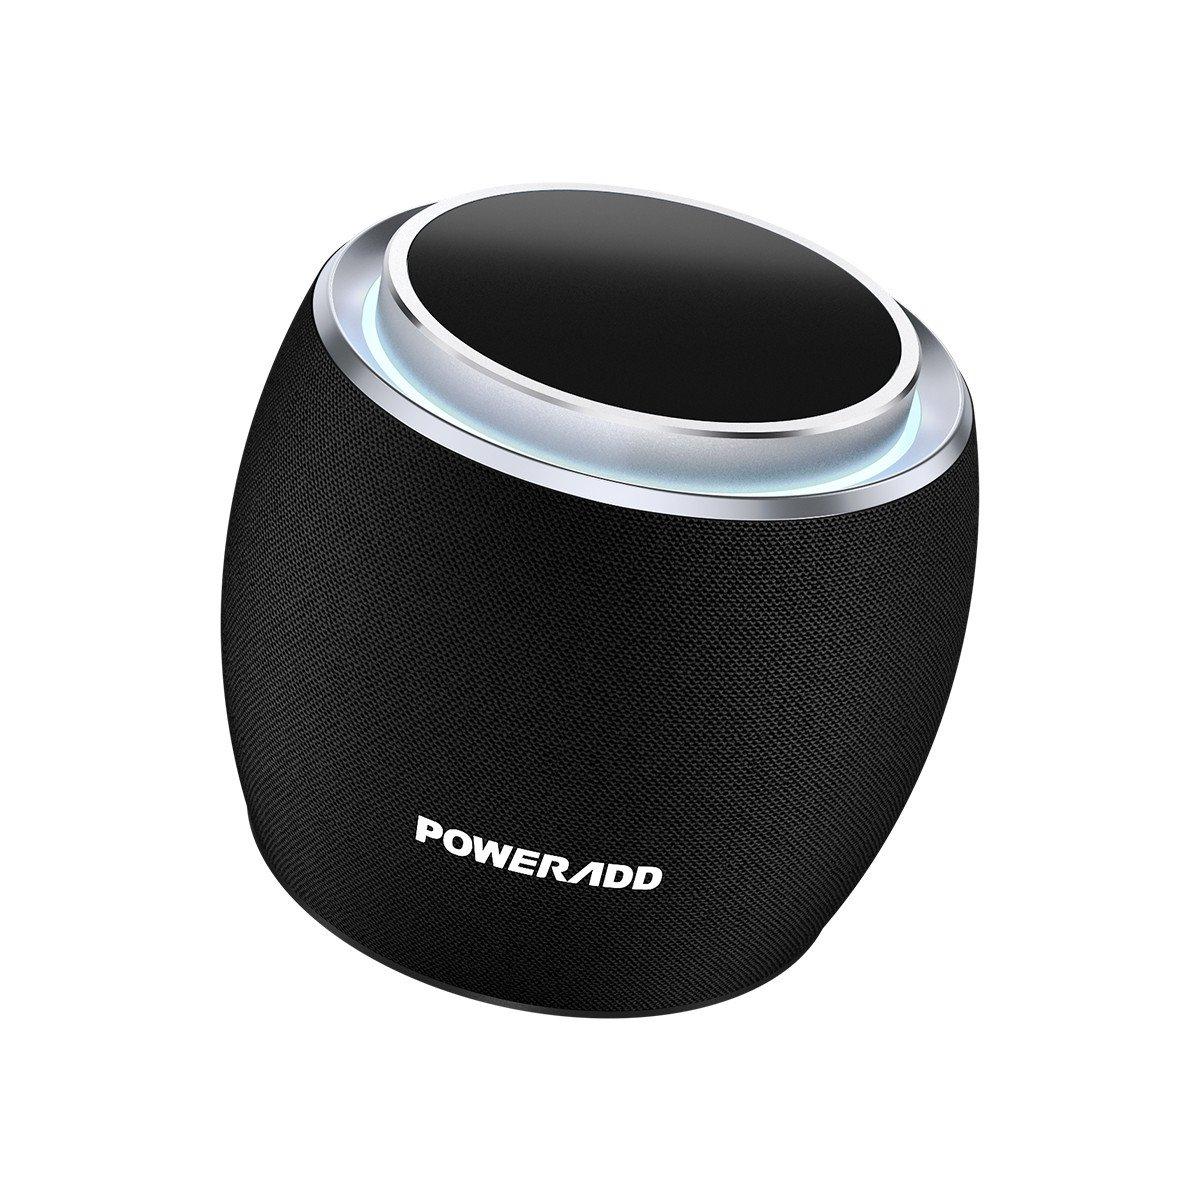 ... Inalámbrico Portátil, 5W Wireless Bluetooth 4.2, 3D Sonido Digital con 8 Horas de Emisión Continua Compatible con Android, Windows, iOS, Con Aux Cable